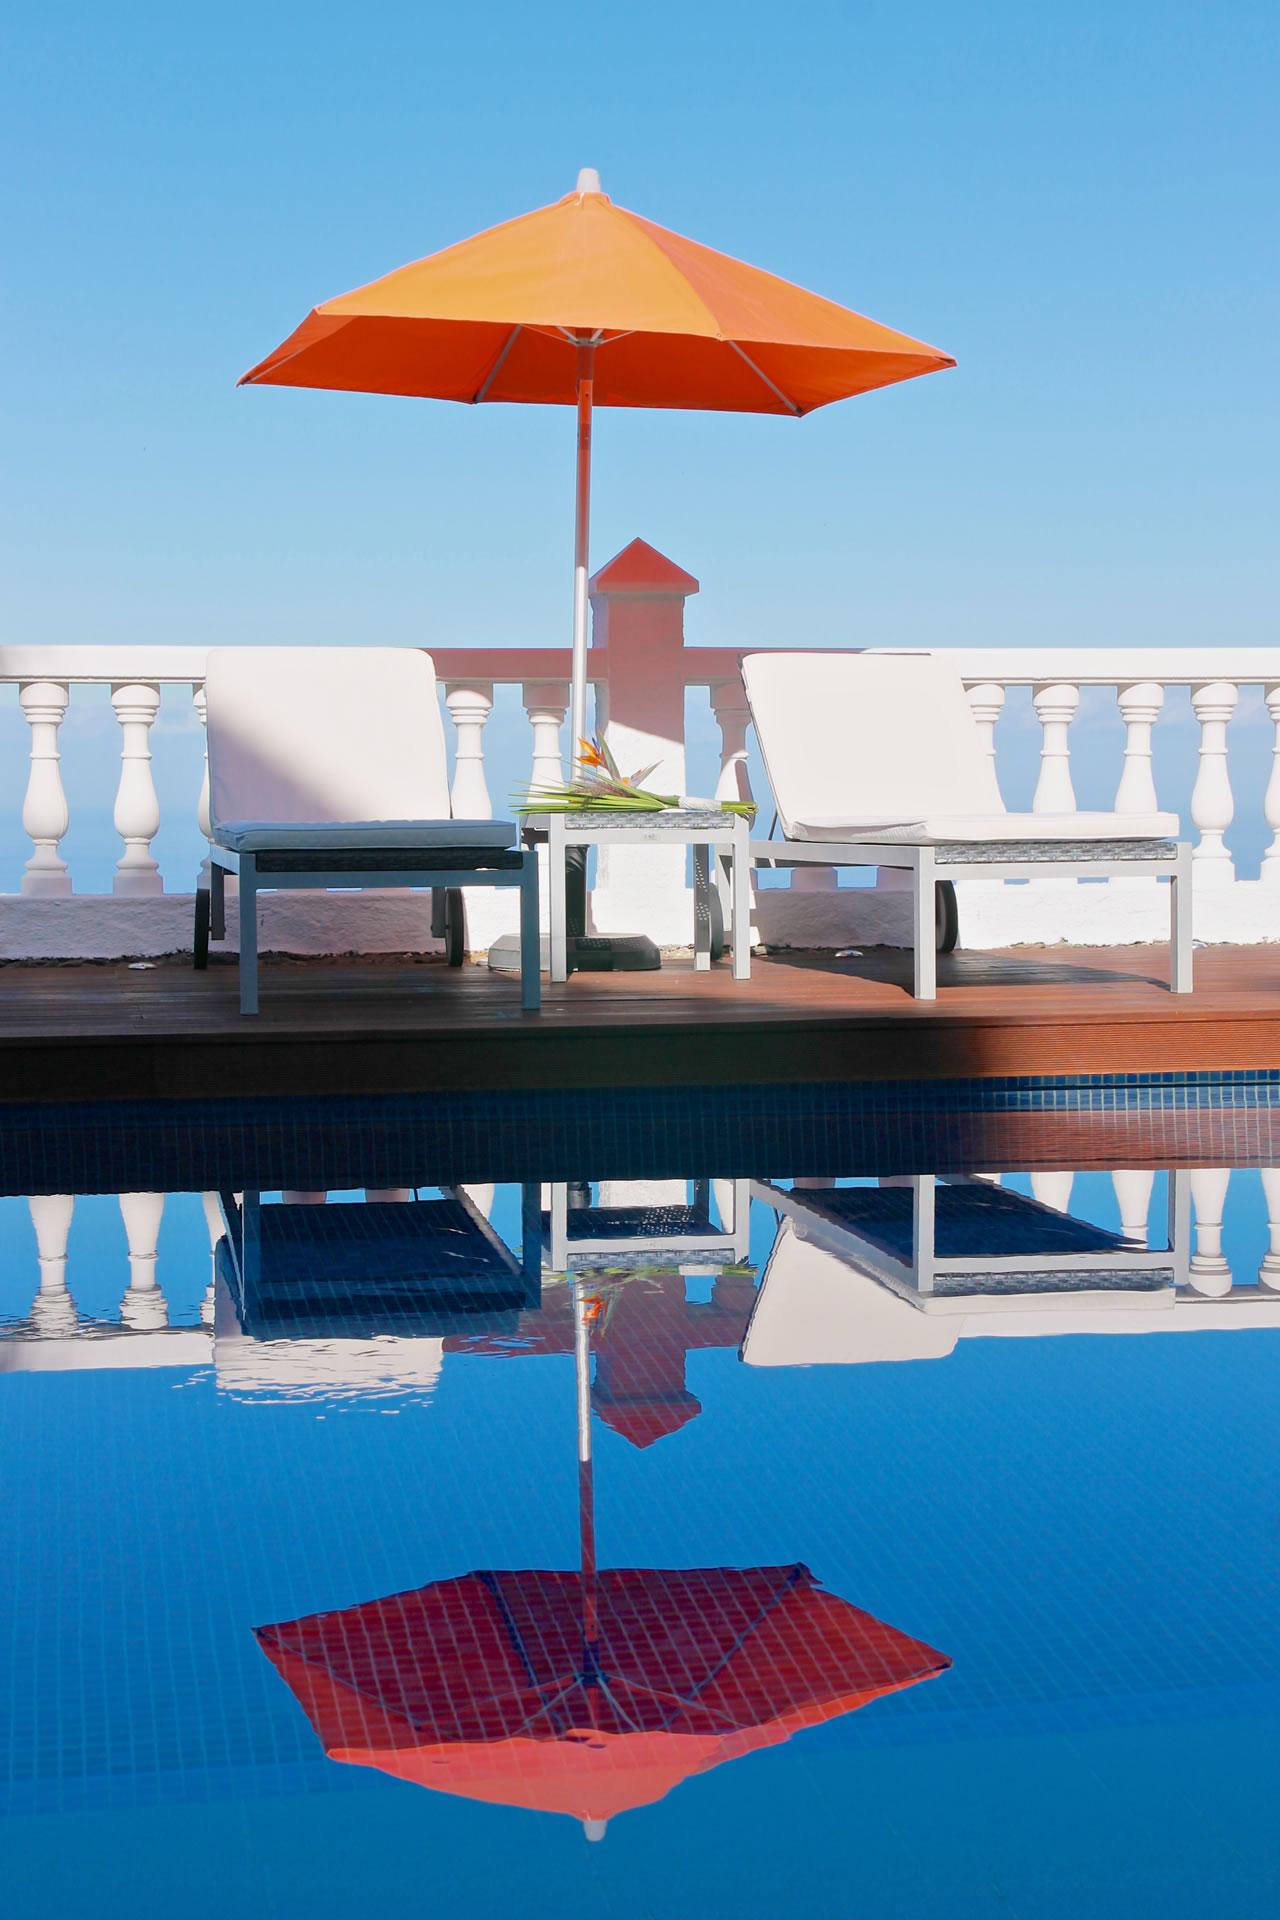 Jardin de la Paz: Traumhotel auf Teneriffa